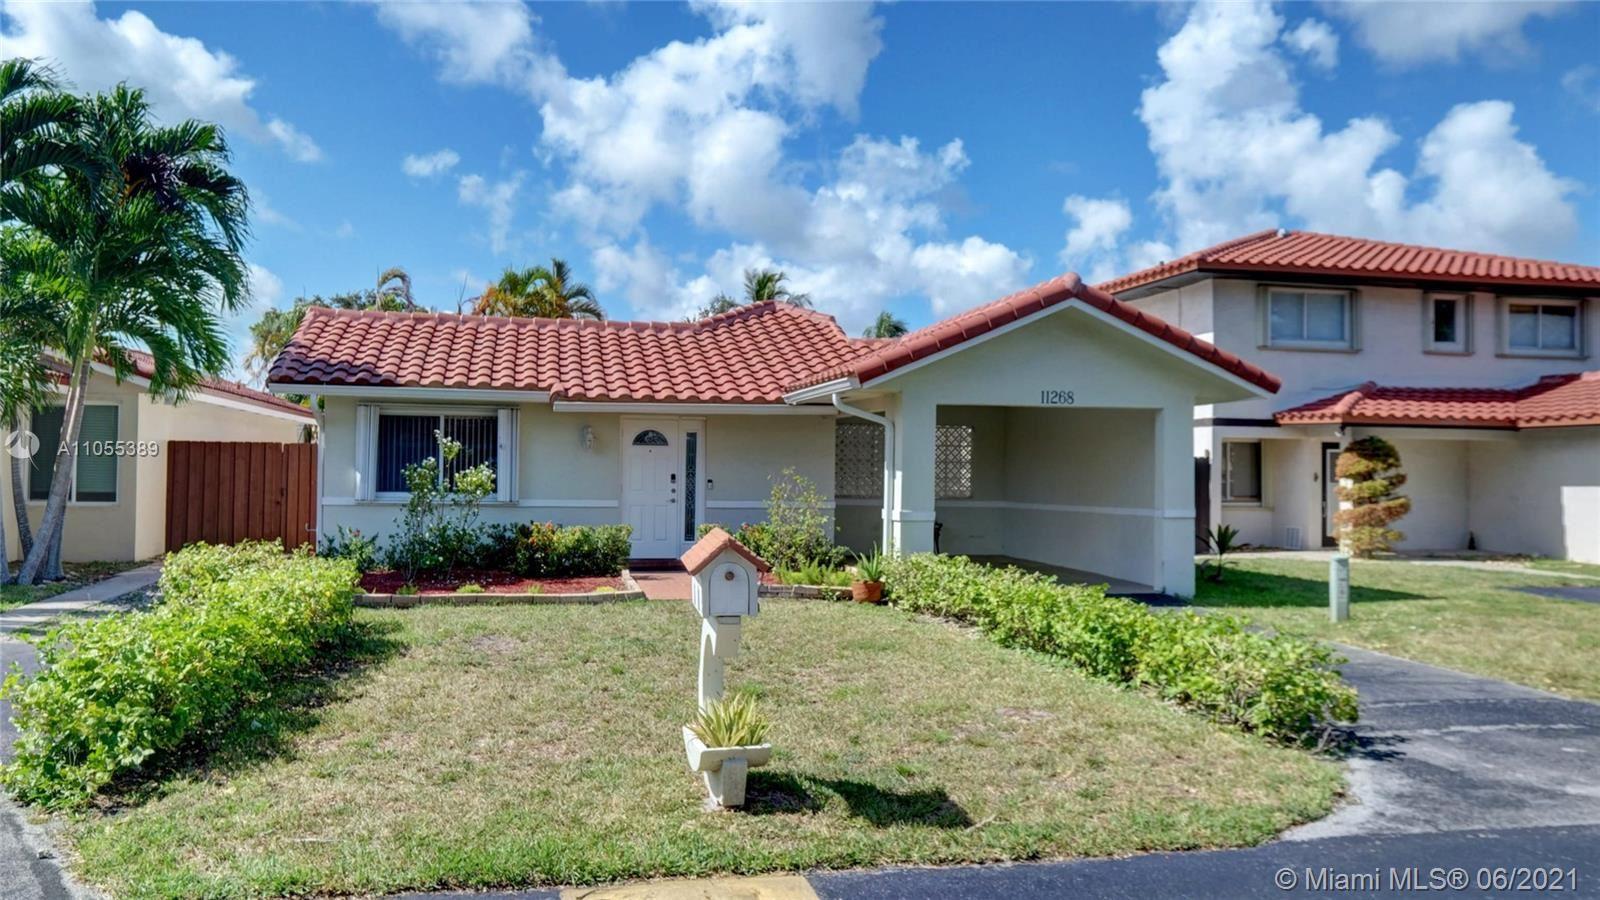 11268 SW 73rd Ter, Miami, FL 33173 - #: A11055389